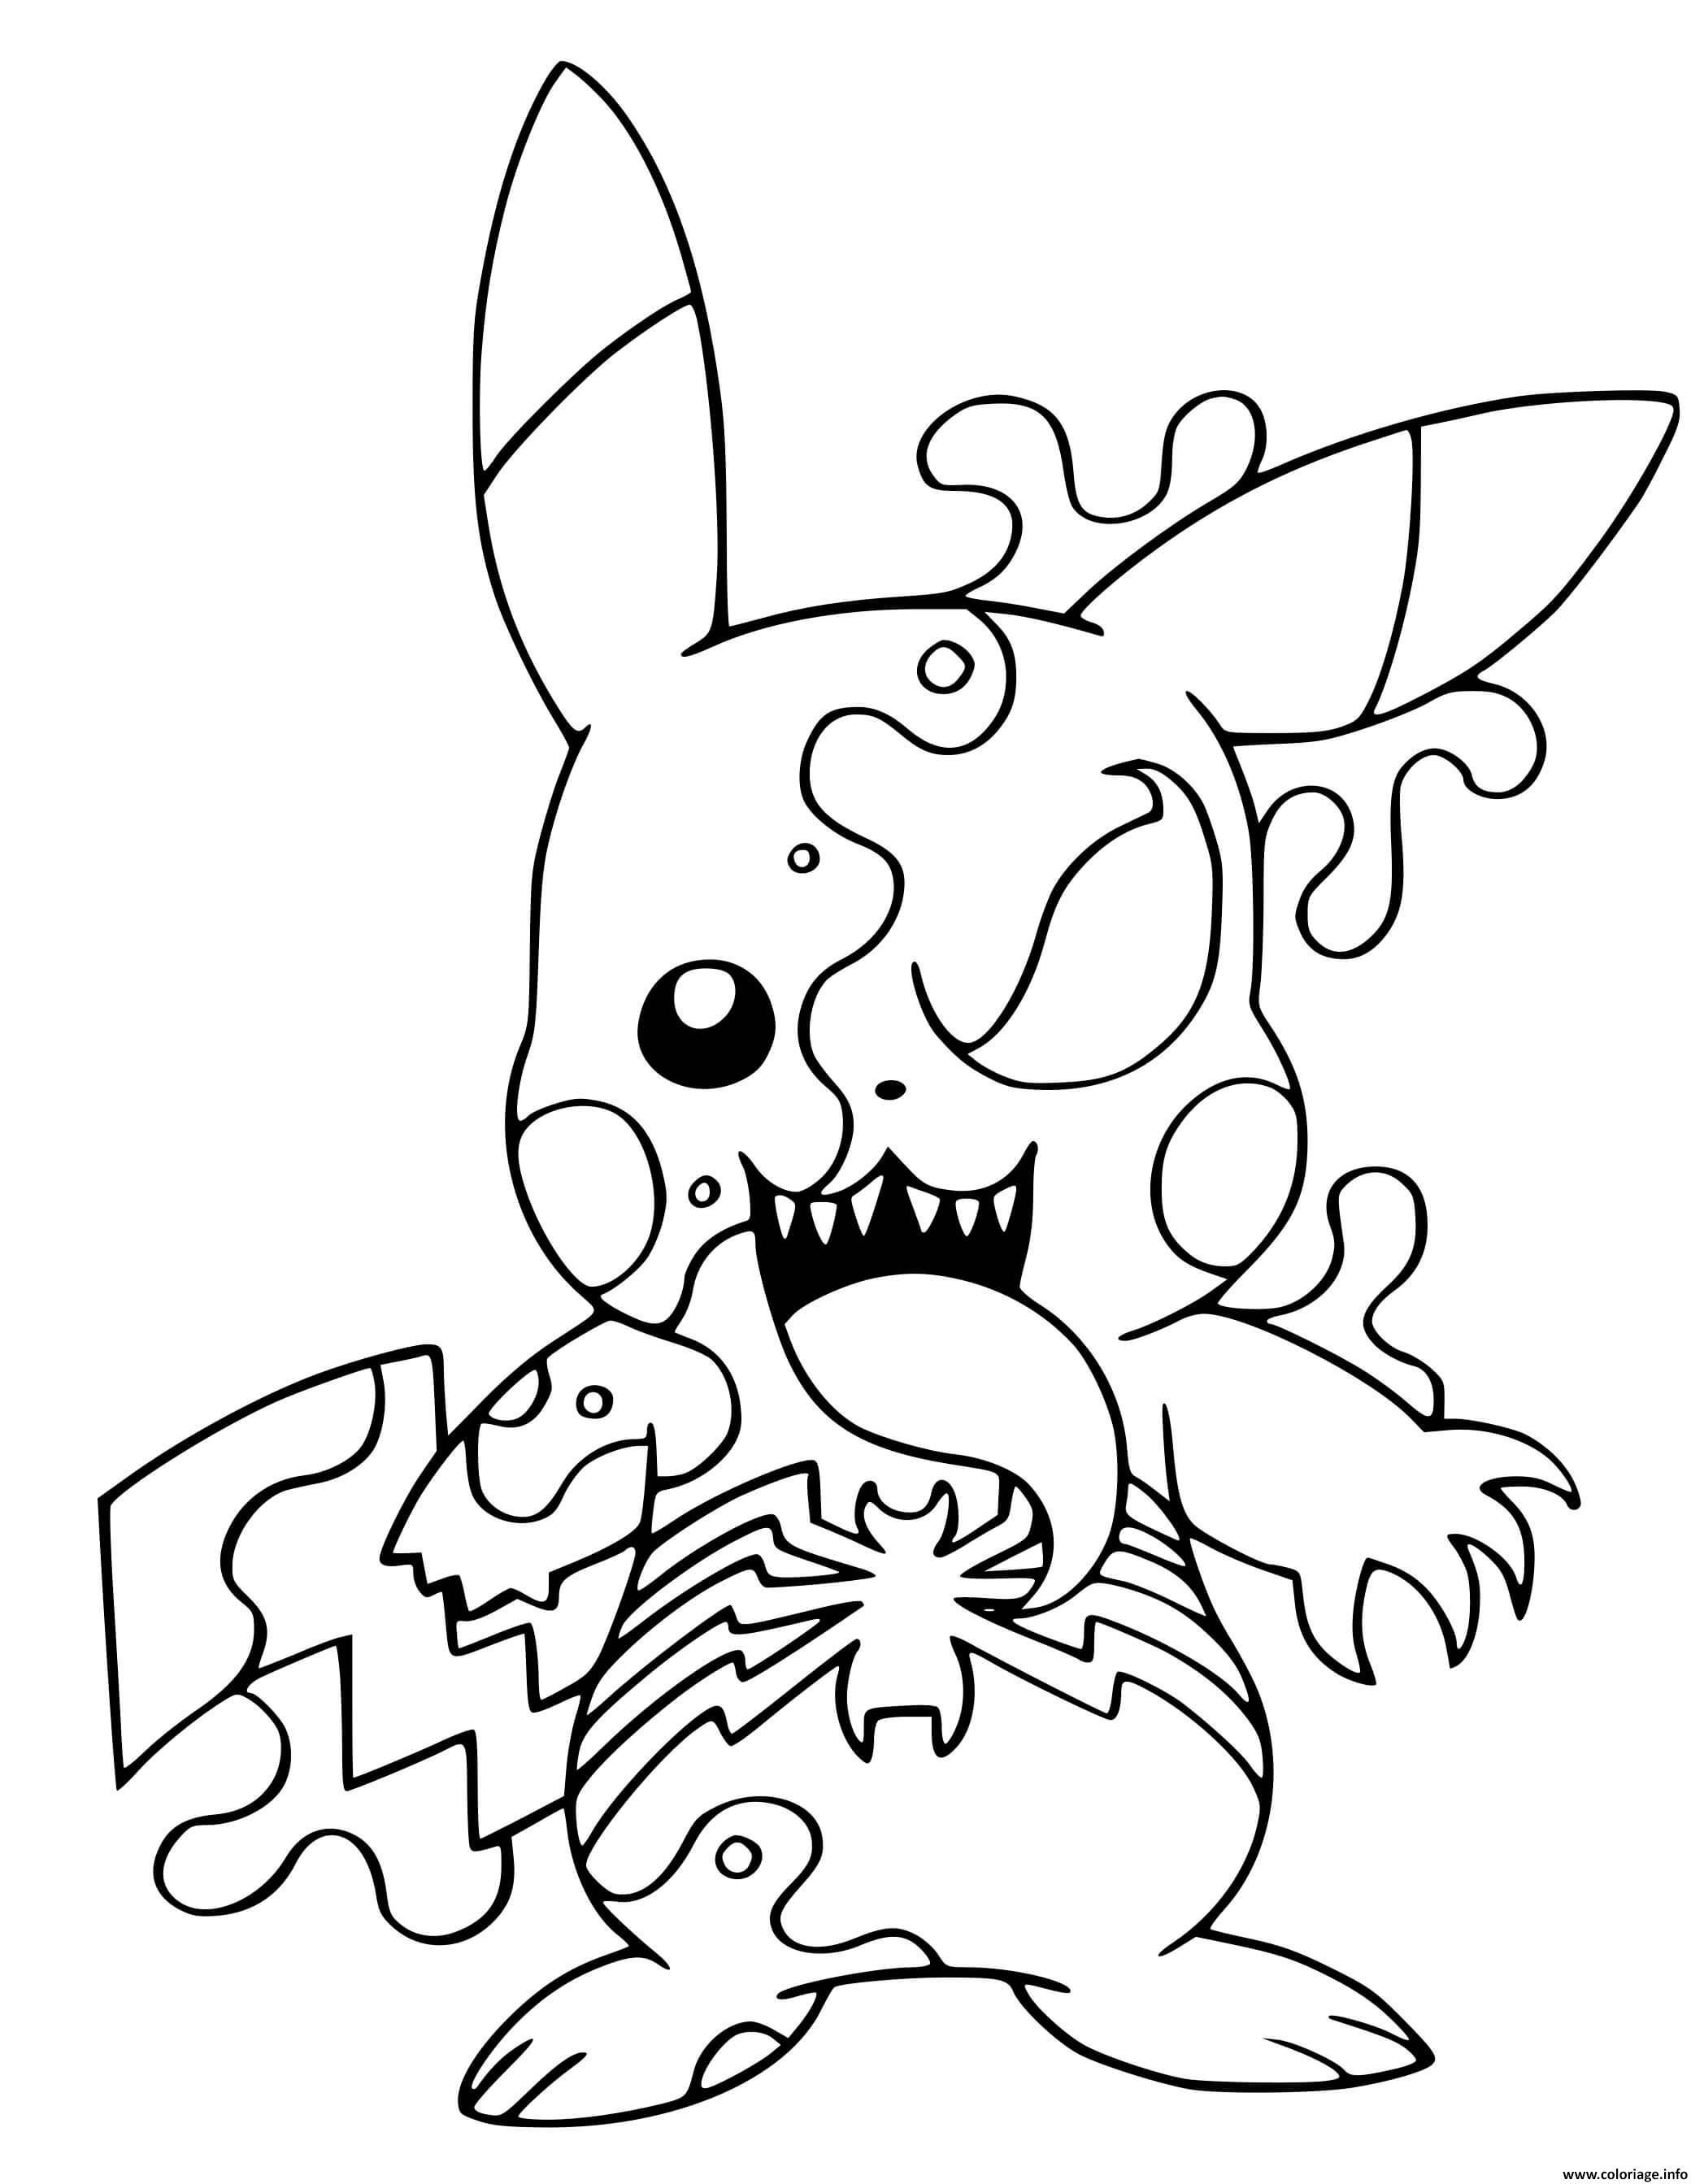 Dessin fusion venom pikachu pokemon Coloriage Gratuit à Imprimer